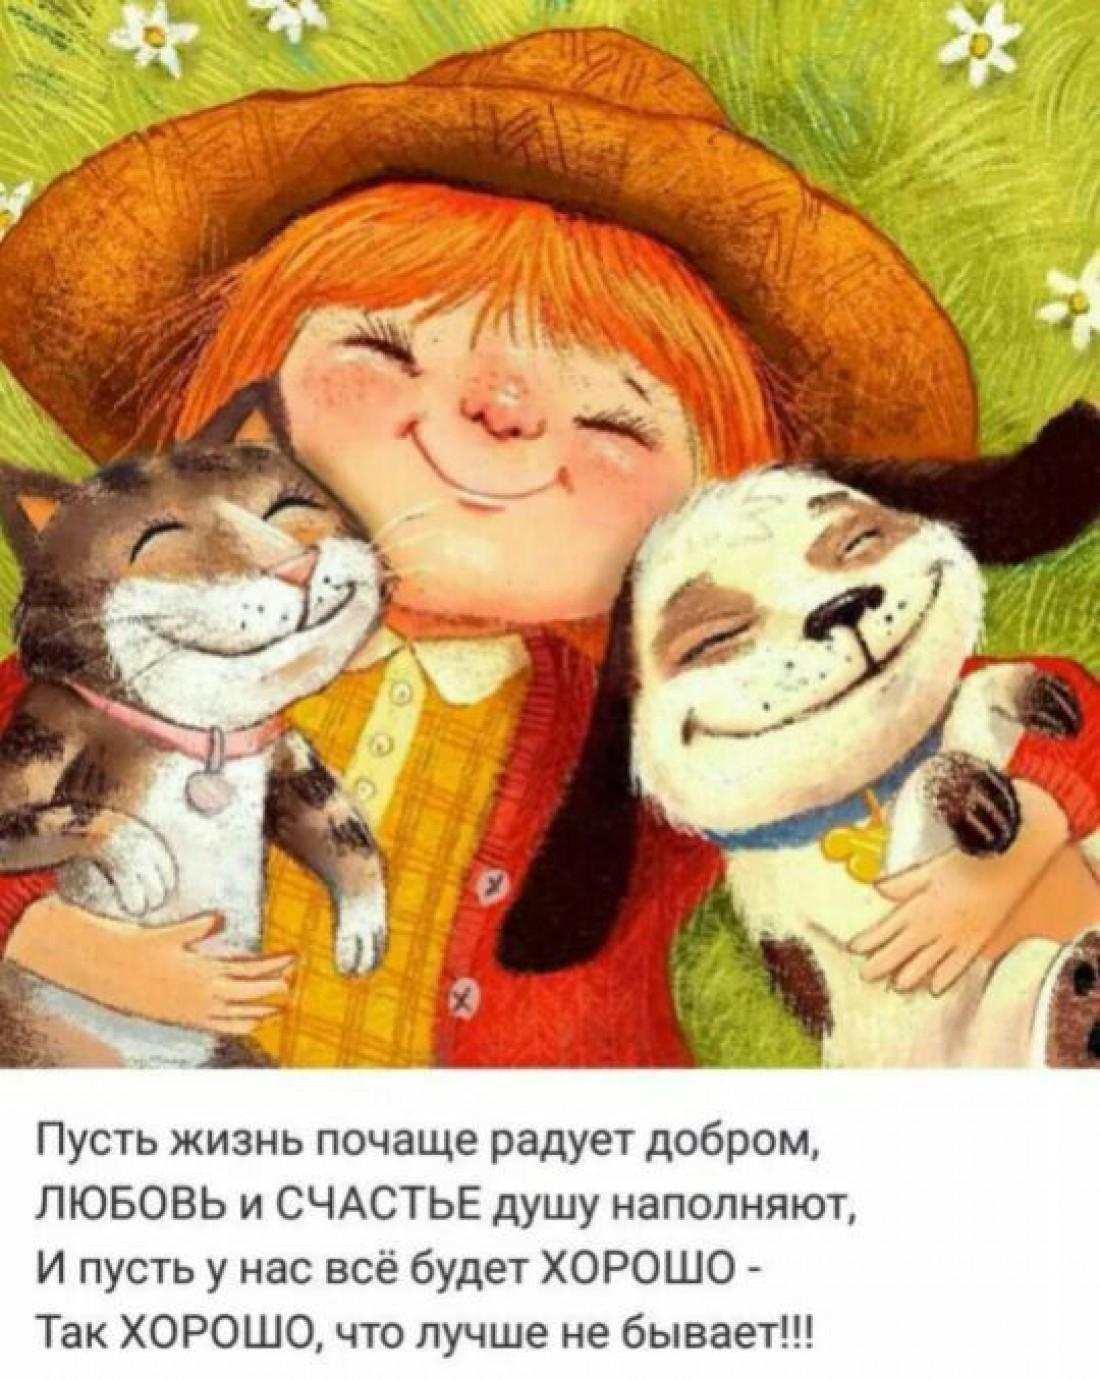 Международный день счастья: поздравления от души